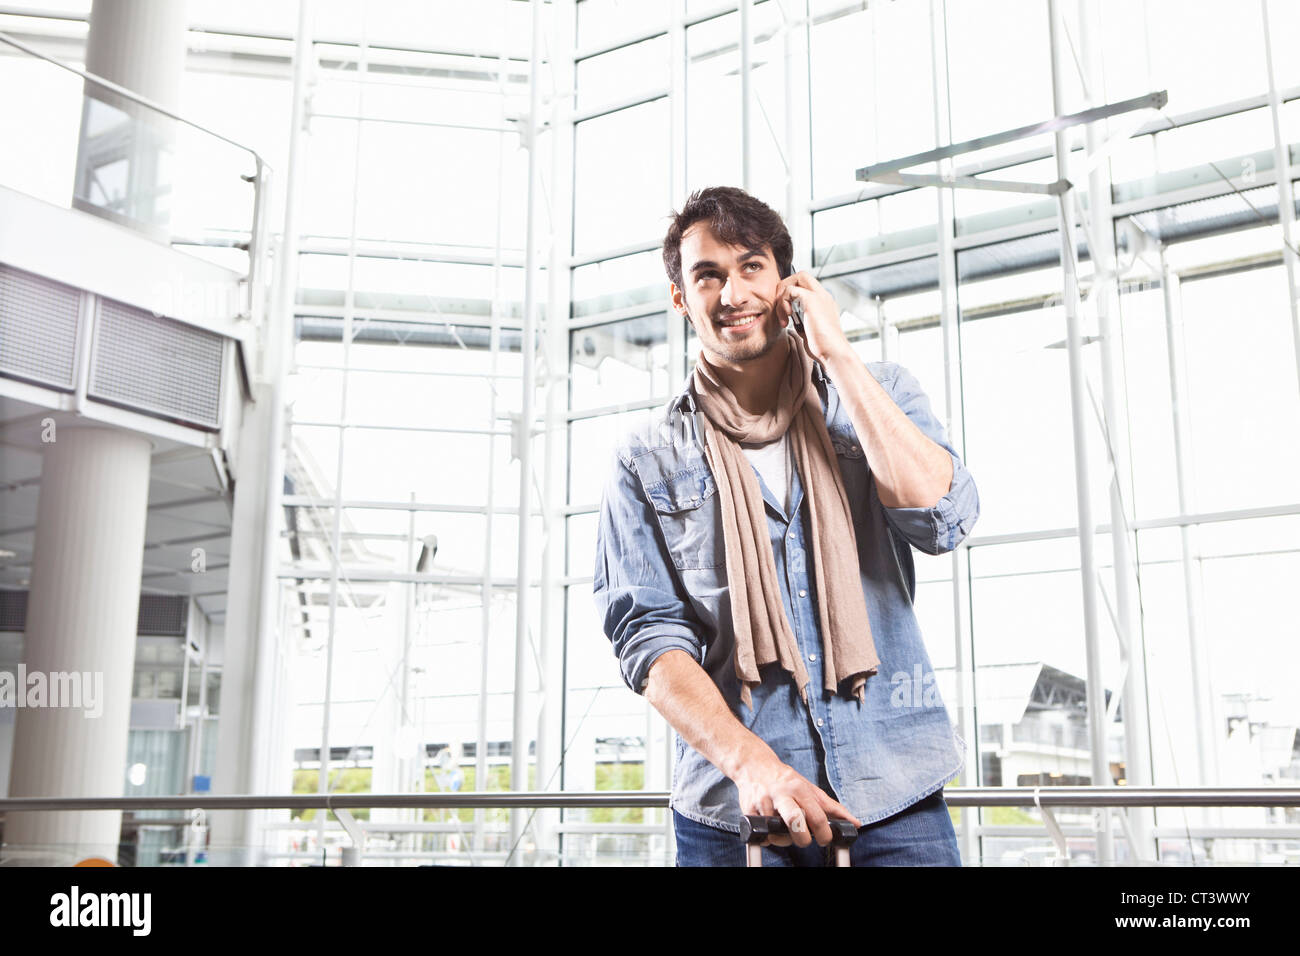 Menschen reden über Handy im Flughafen Stockbild